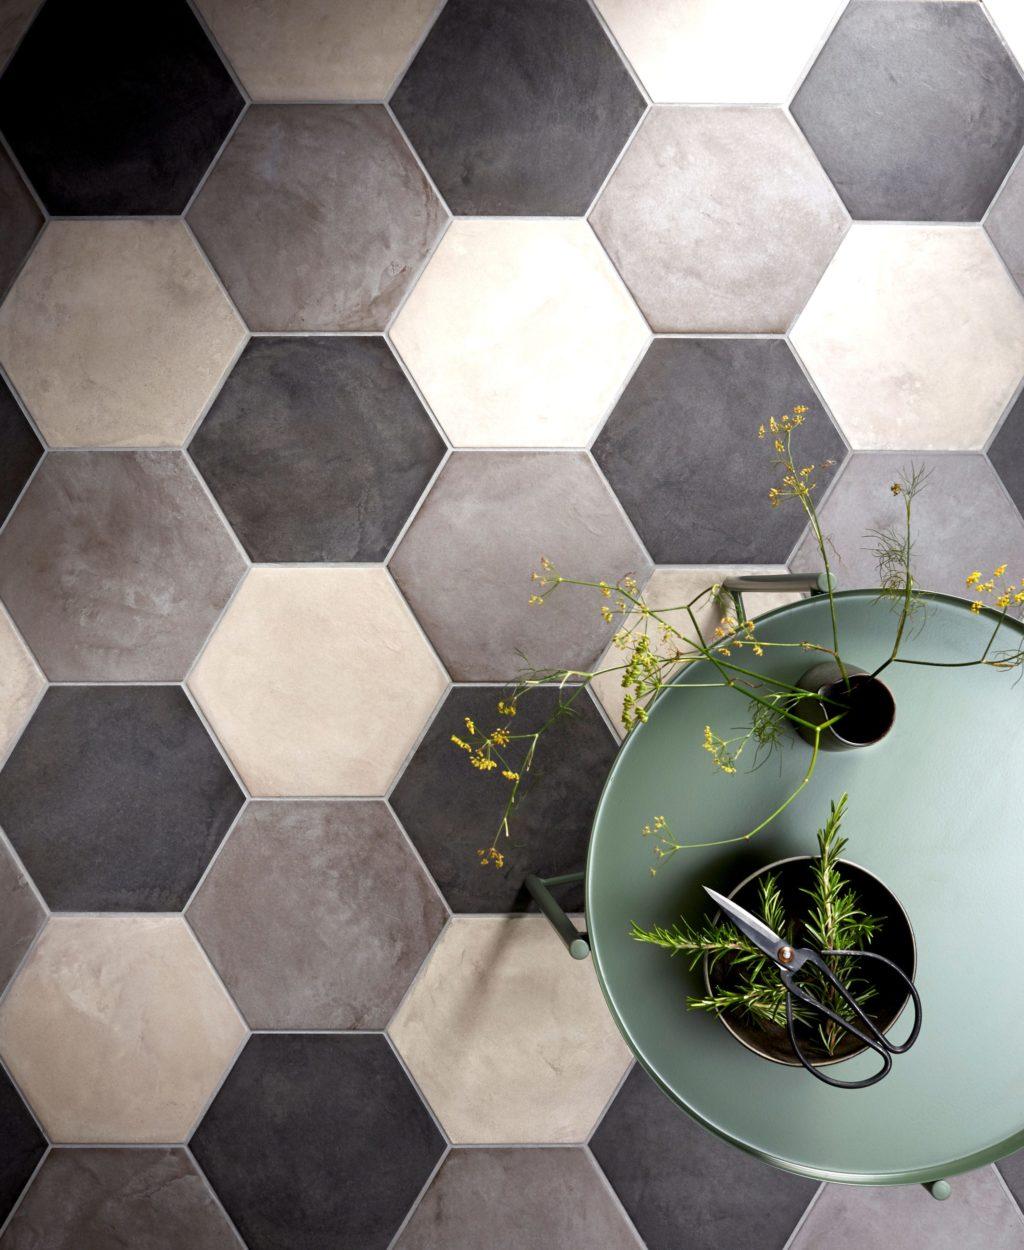 Hexagon Decorative Porcelain Tiles